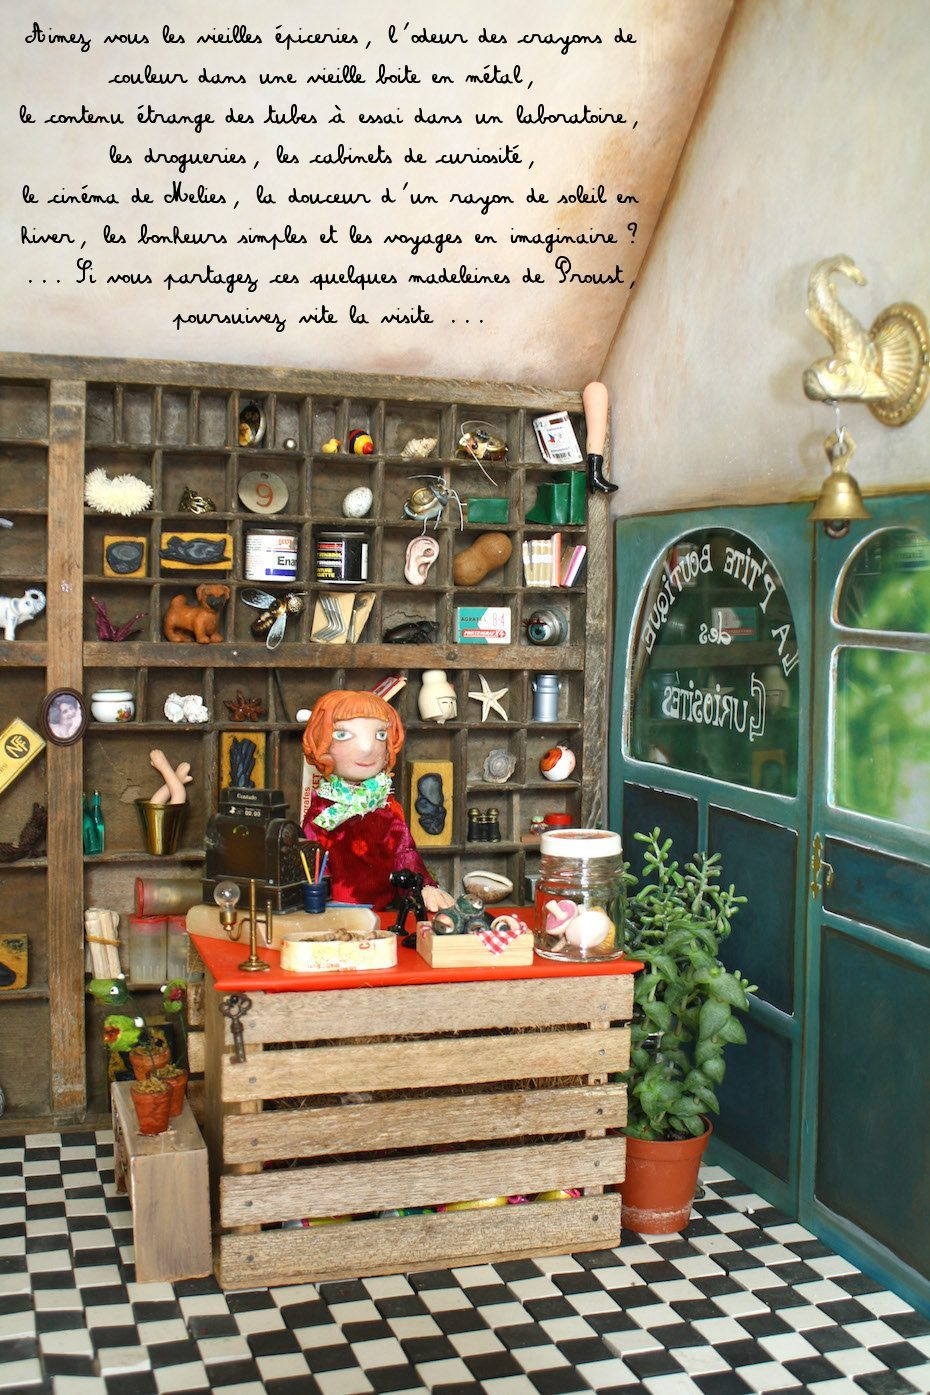 Aimez-vous les vieilles épiceries, l'odeur des crayons de couleur dans une vieille boite en métal, le contenu étrange des tubes à essai dans un laboratoire, les drogueries, les cabinets de curiosité, le cinéma de Melies, la douceur d'un rayon de soleil en hiver, les bonheurs simples et les voyages en imaginaire ? ... Si vous partagez ces quelques madeleines de Proust, poursuivez vite la visite ...